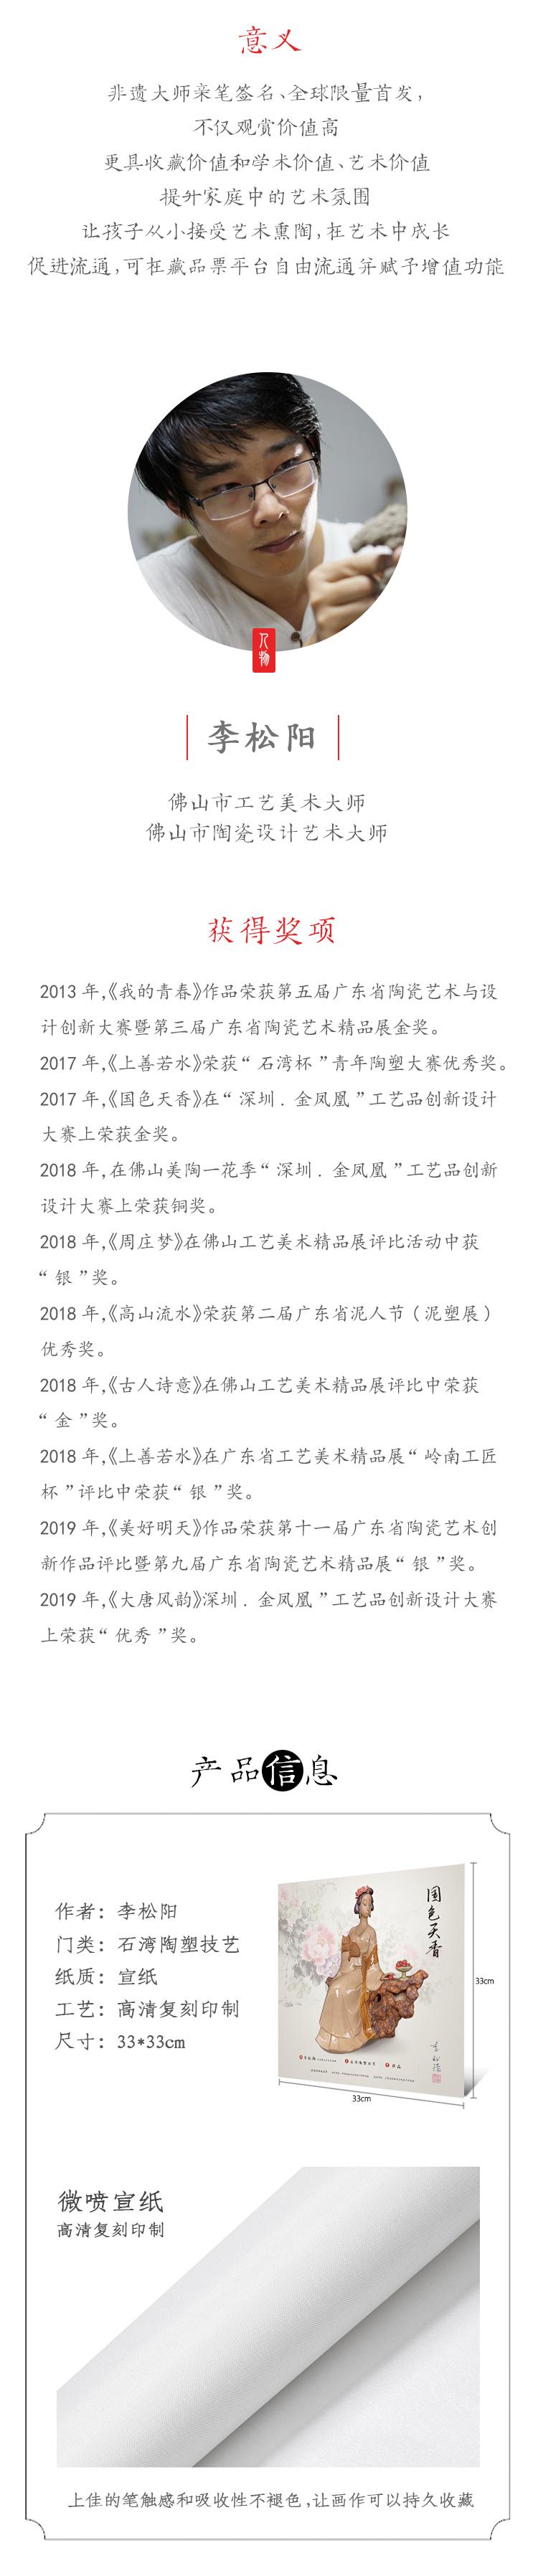 国色天香_06.jpg